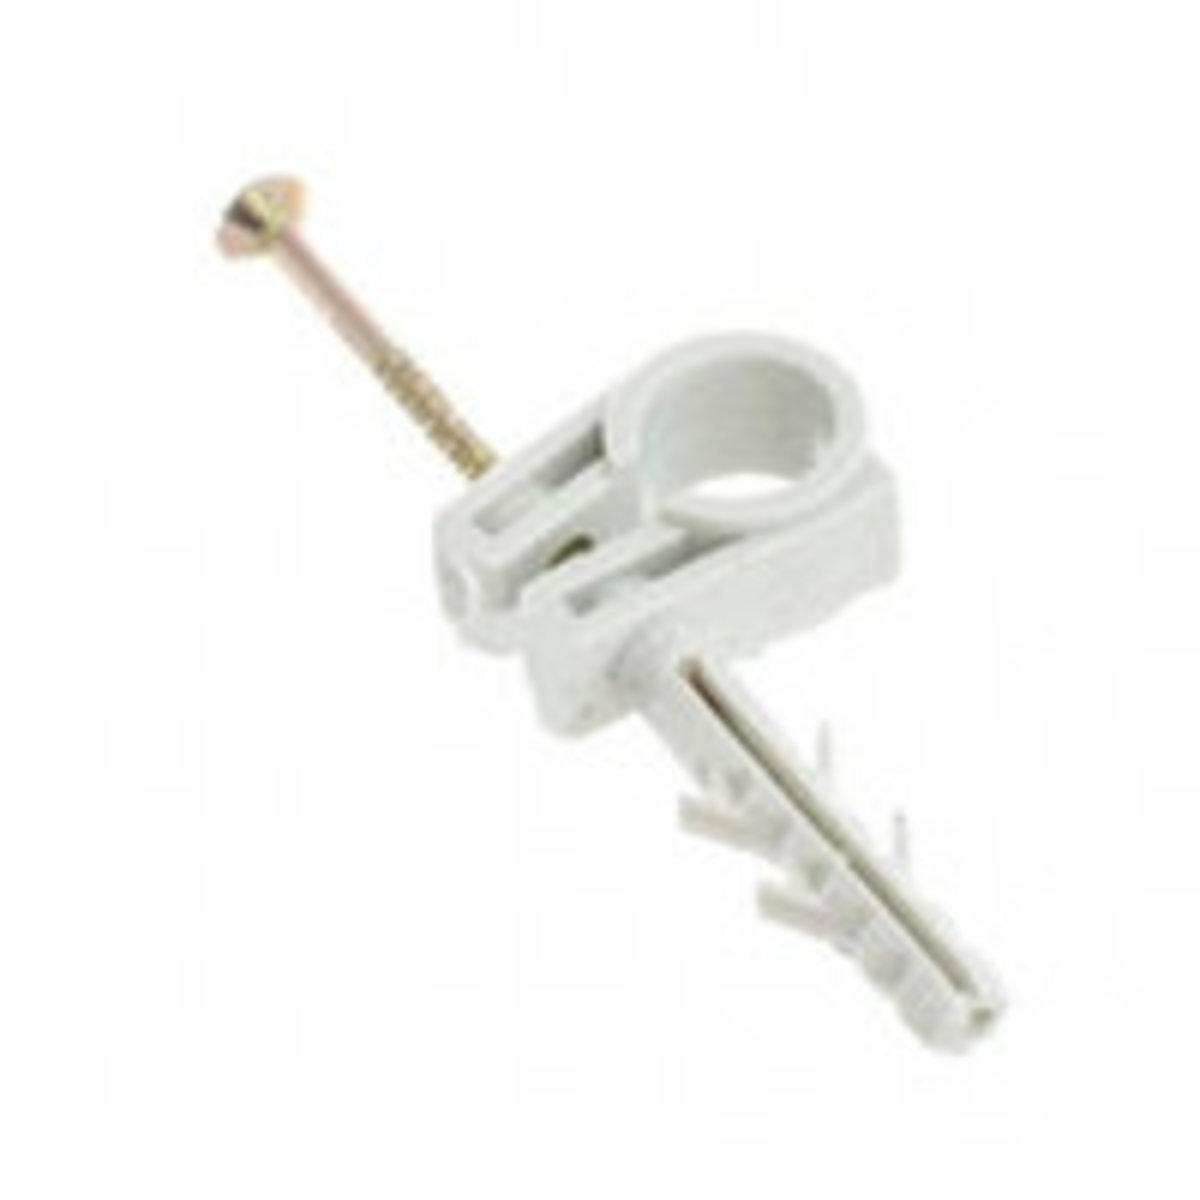 Обойма Lectris для труб і кабелю Ø18-20мм з ударним шурупом, 50шт